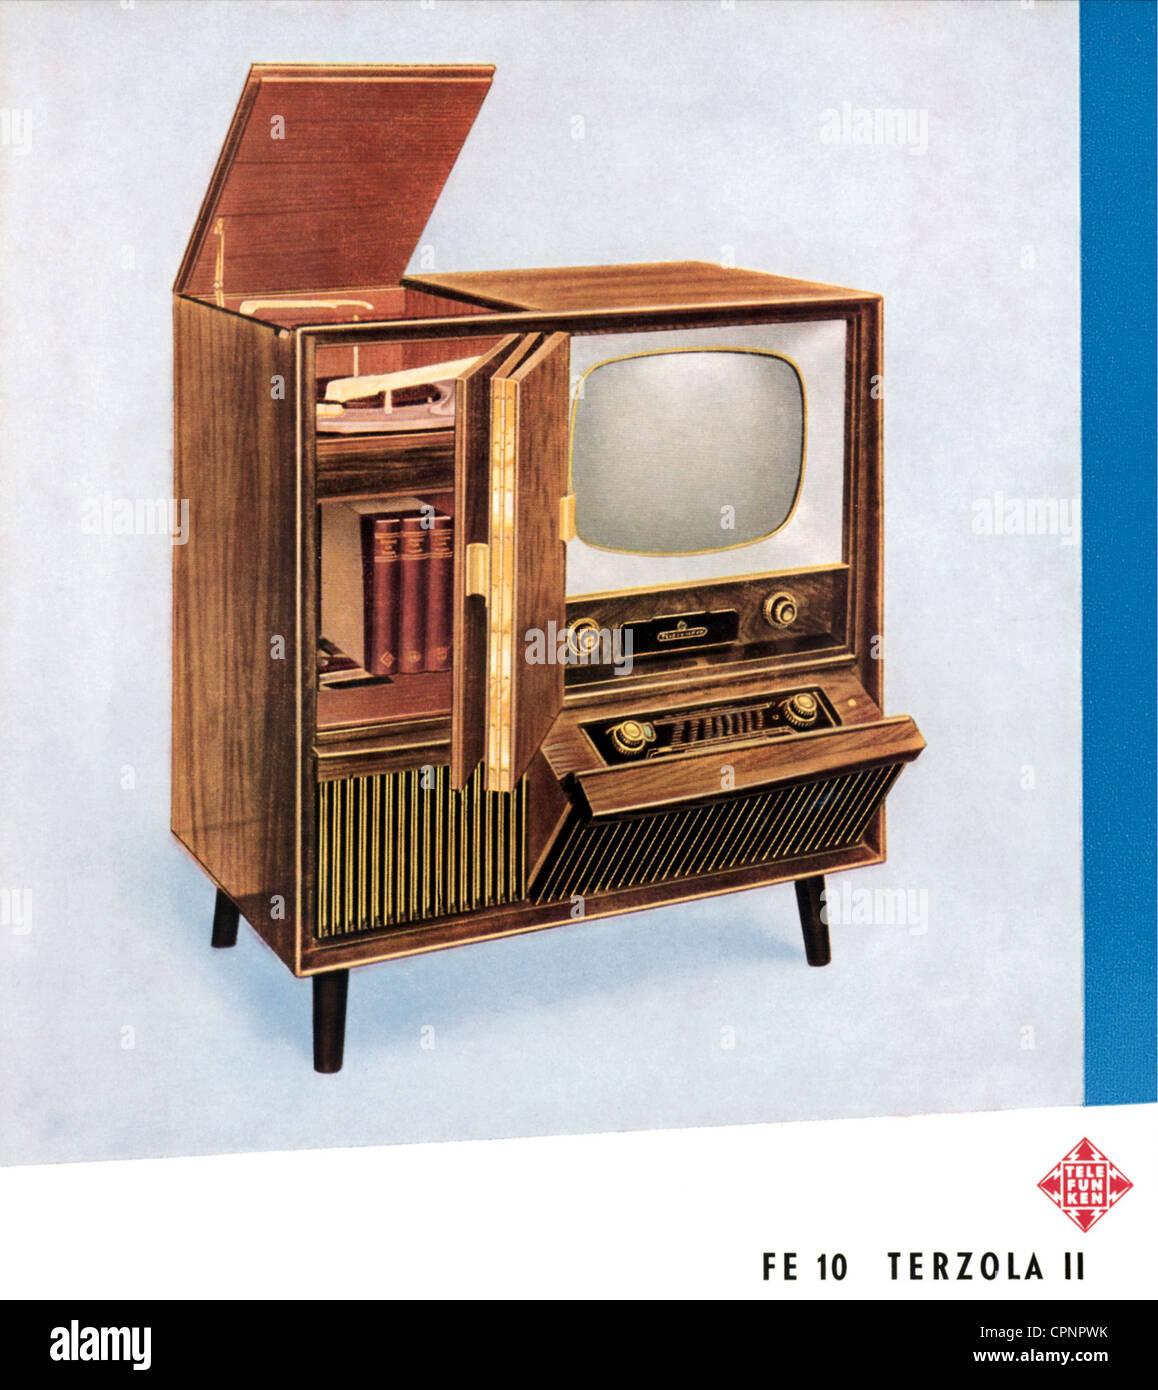 Broadcast, Fernsehen, TV Schrank, Telefunken FE 10 Terzola II,  Eigenständiges Gerät Mit Fernseher, Radio Und Rekord